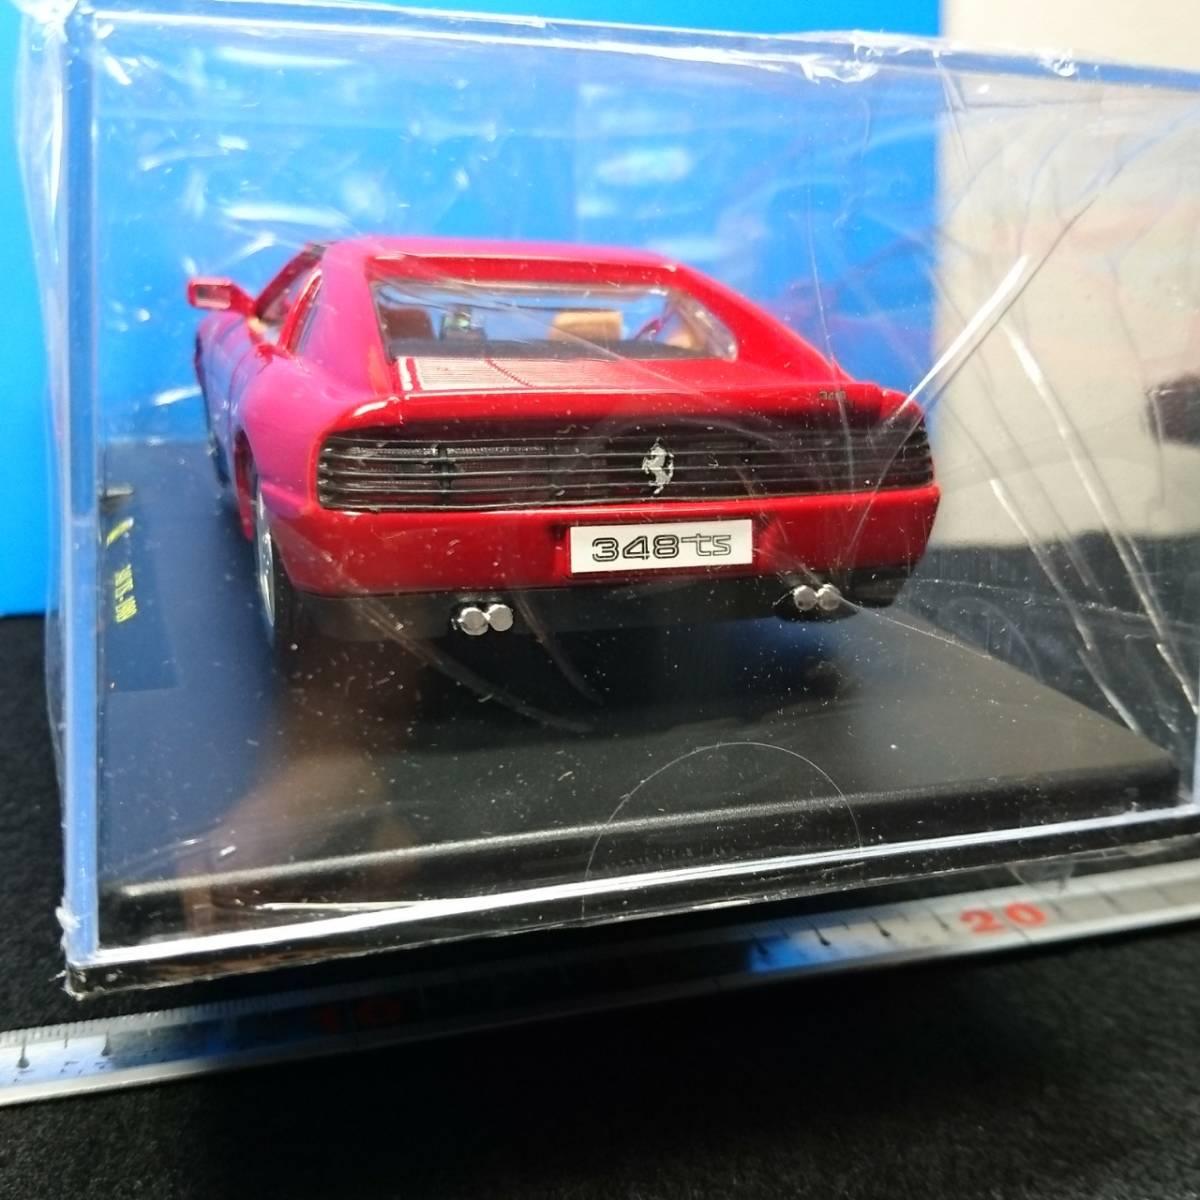 全品送料無料 1/24 Ferrari 348 TS RED (1989年式) 未開封 レ・グランディ・フェラーリ 同日落札品に限り全品同梱送料無料